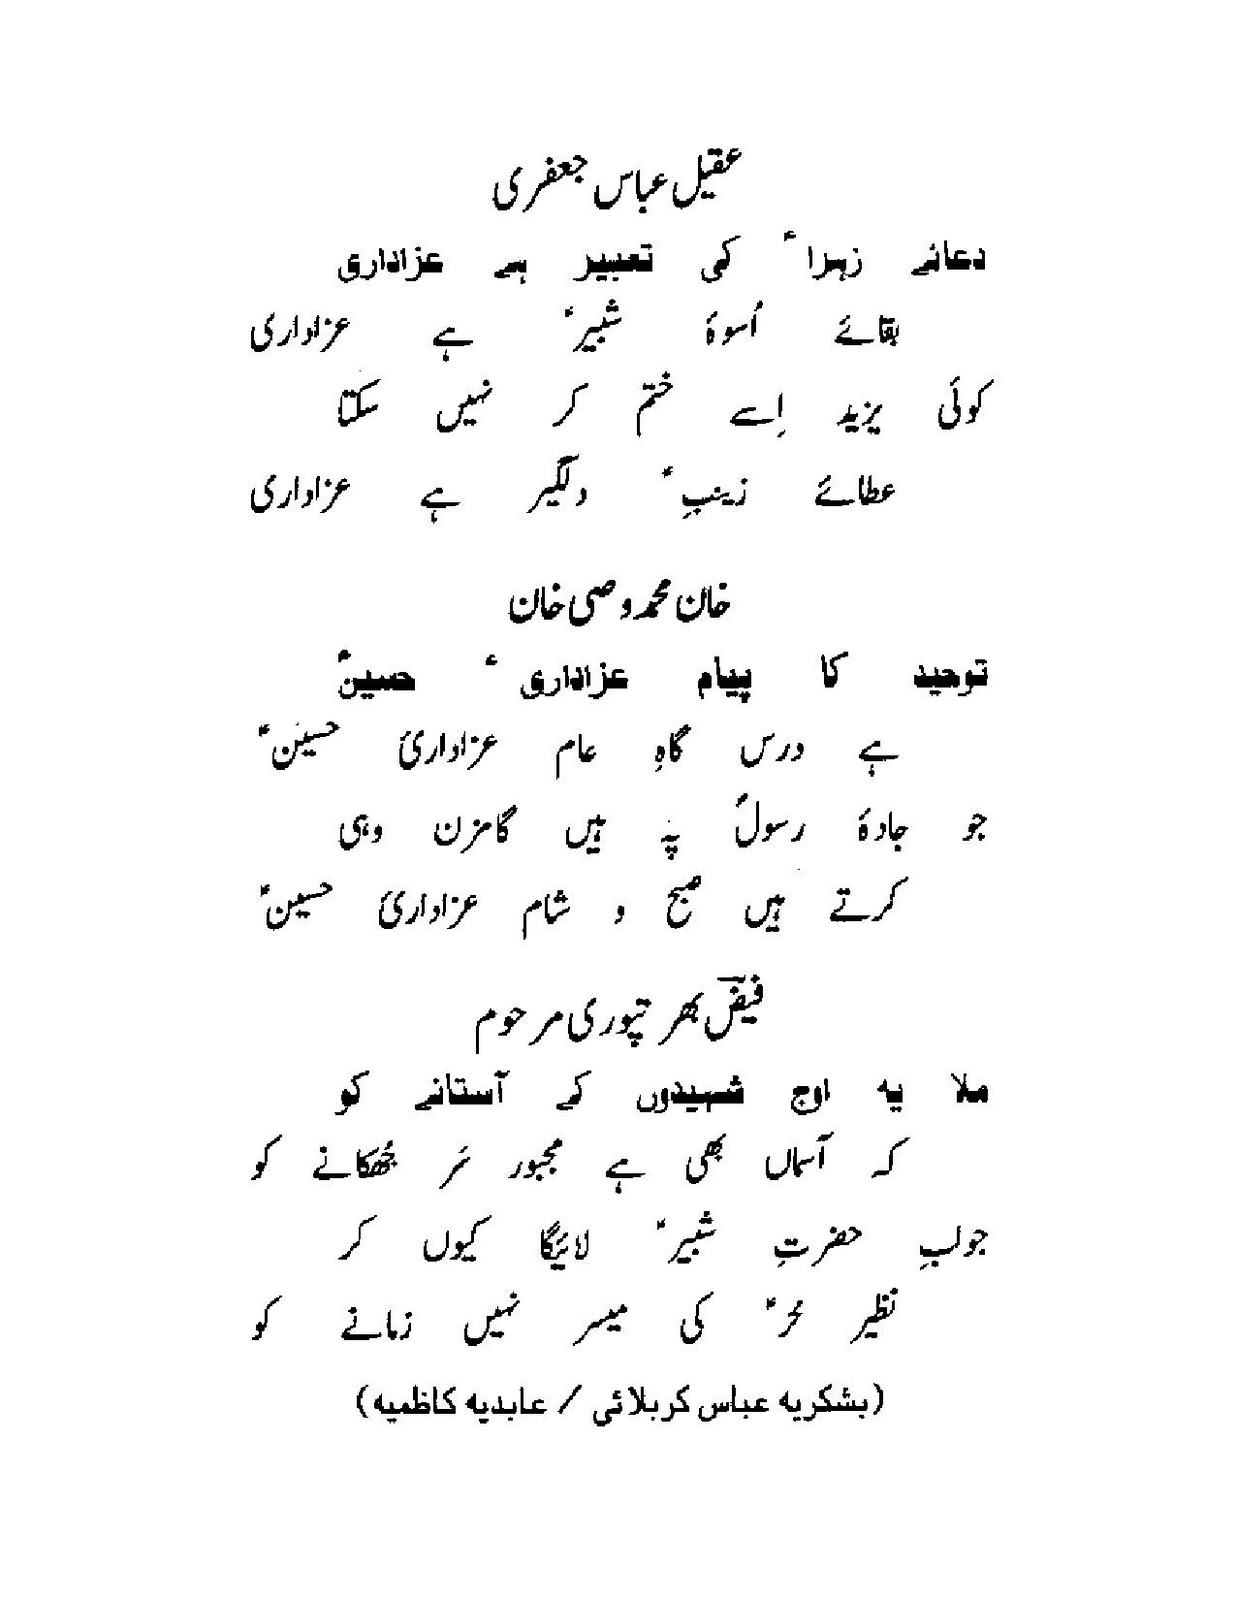 Basta By Sibte Jafar Soz Salam Marsiya Noha: 2011